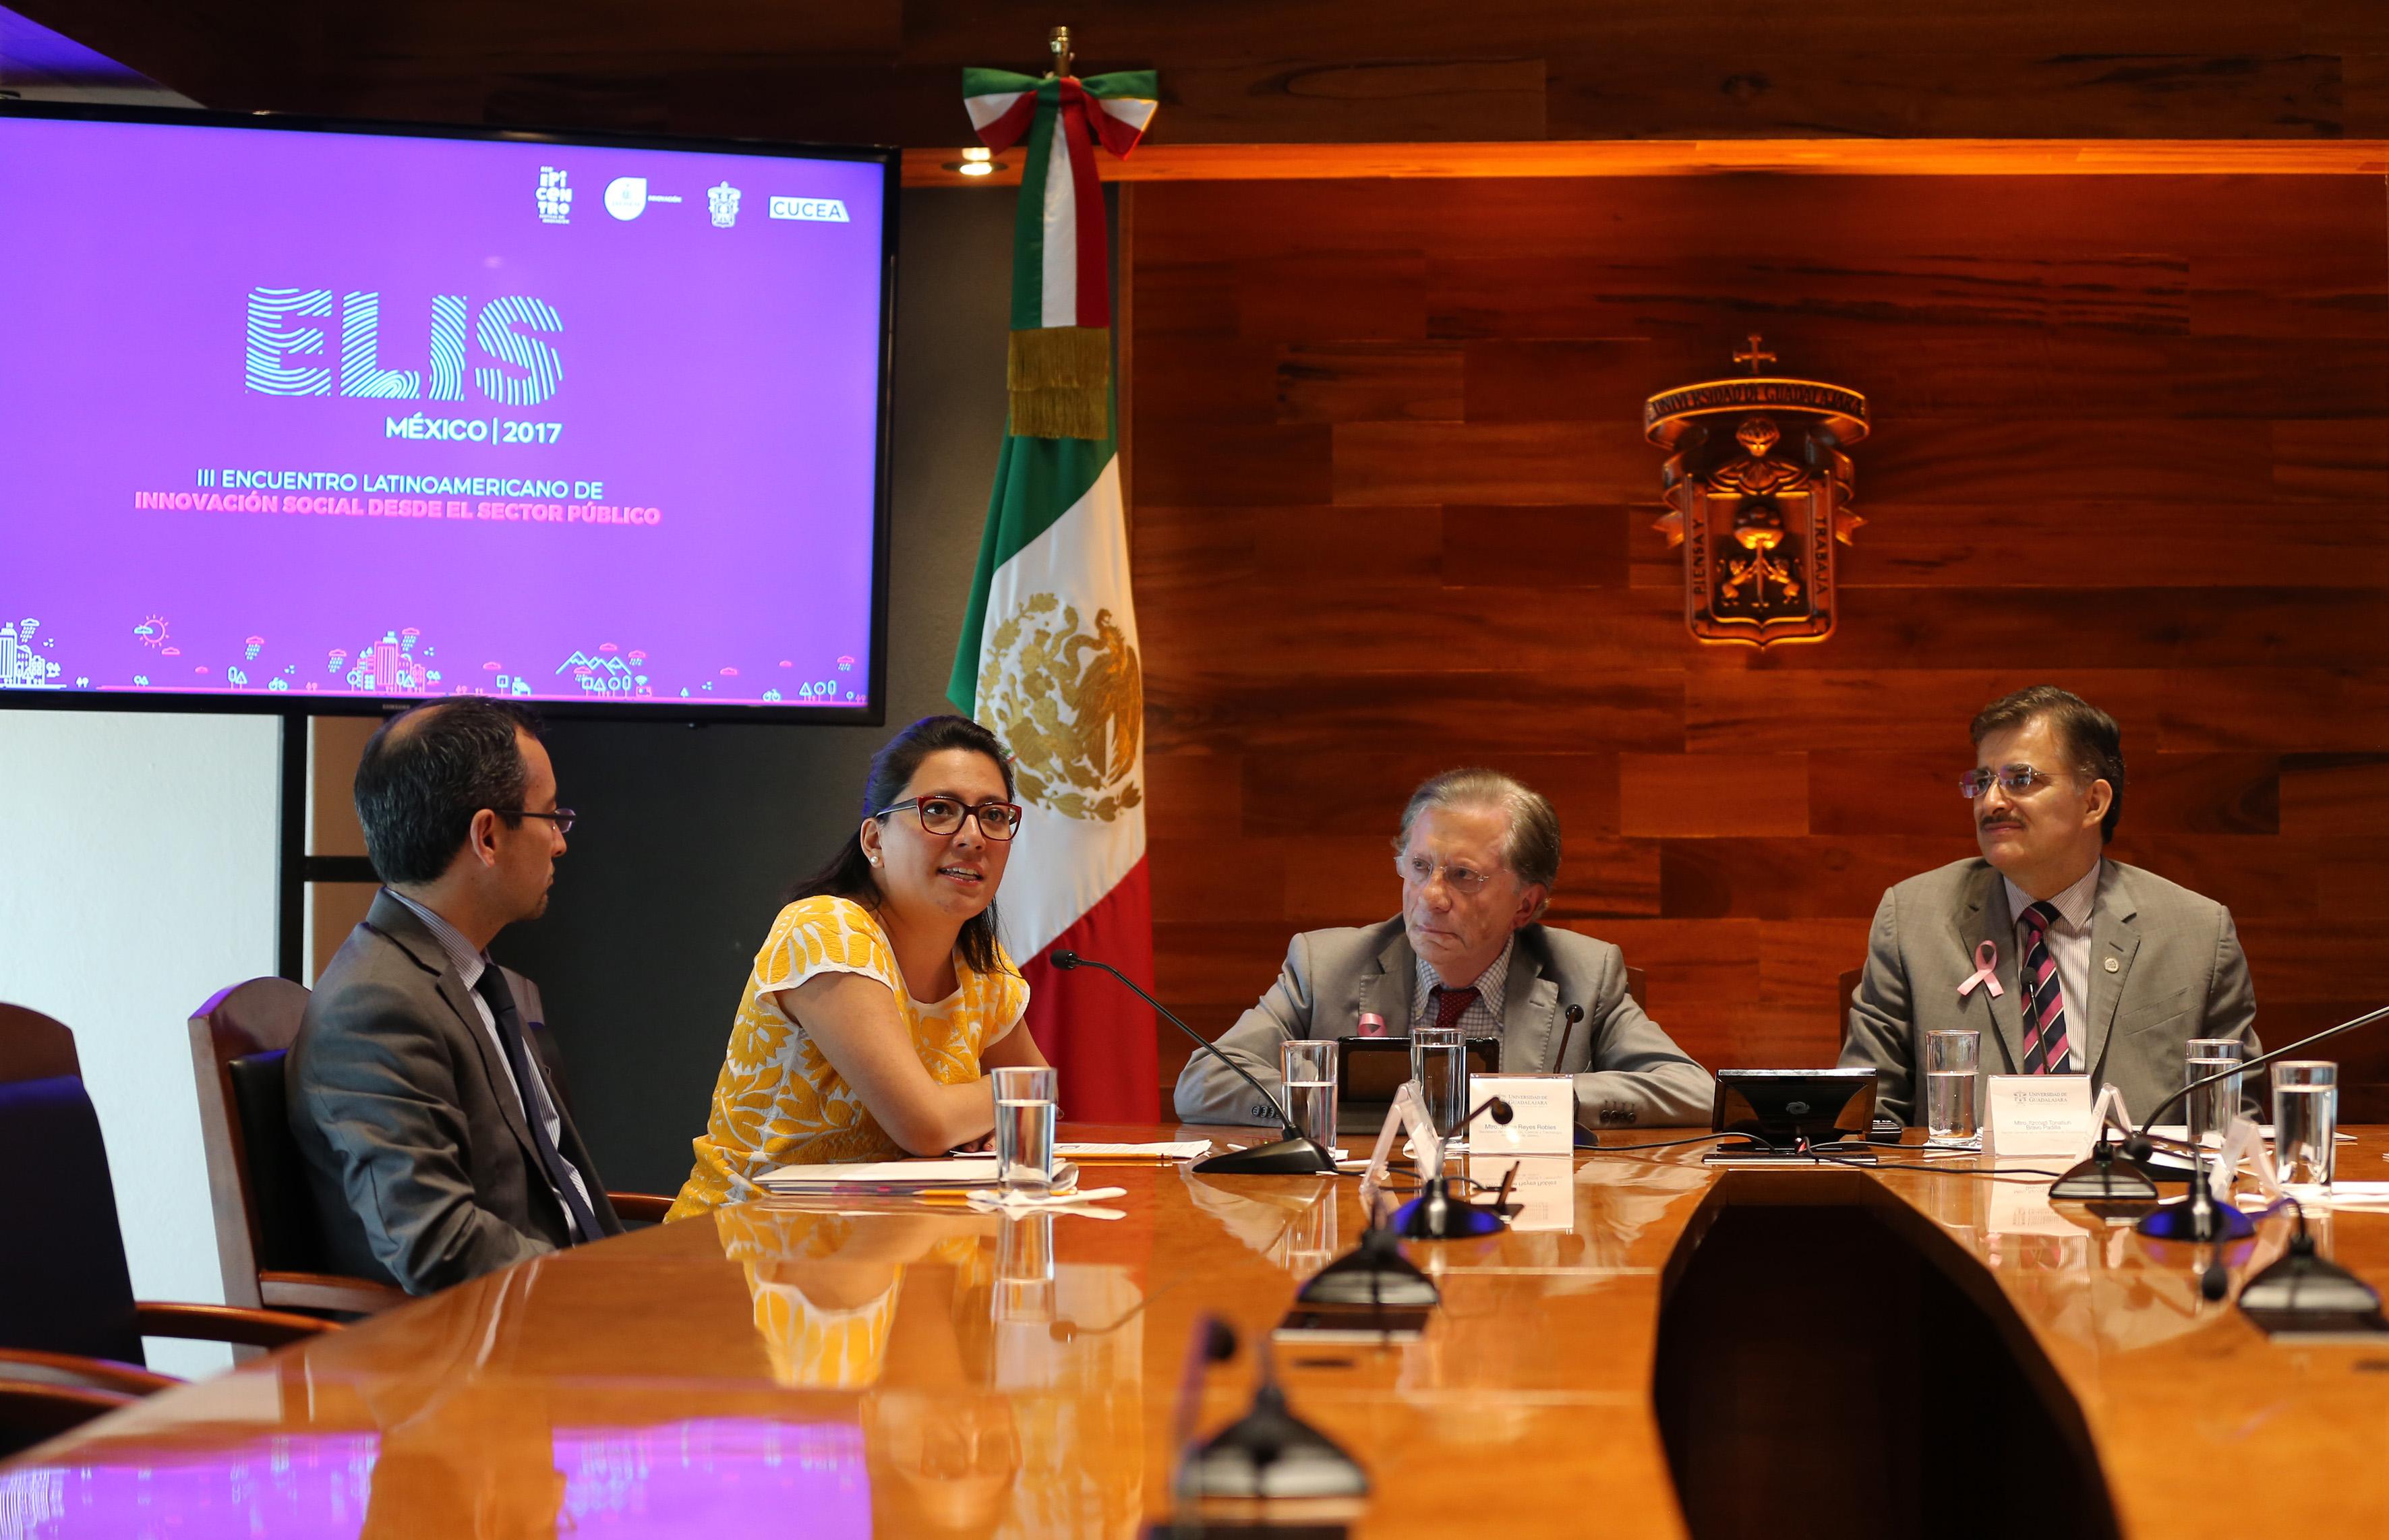 Mtra. Cristina Yoshida Fernández, directora de Sociedad de la Información y el Conocimiento, de la Secretaría de Innovación, Ciencia y Tecnología de Jalisco, haciendo uso de la palabra en conferencia de prensa